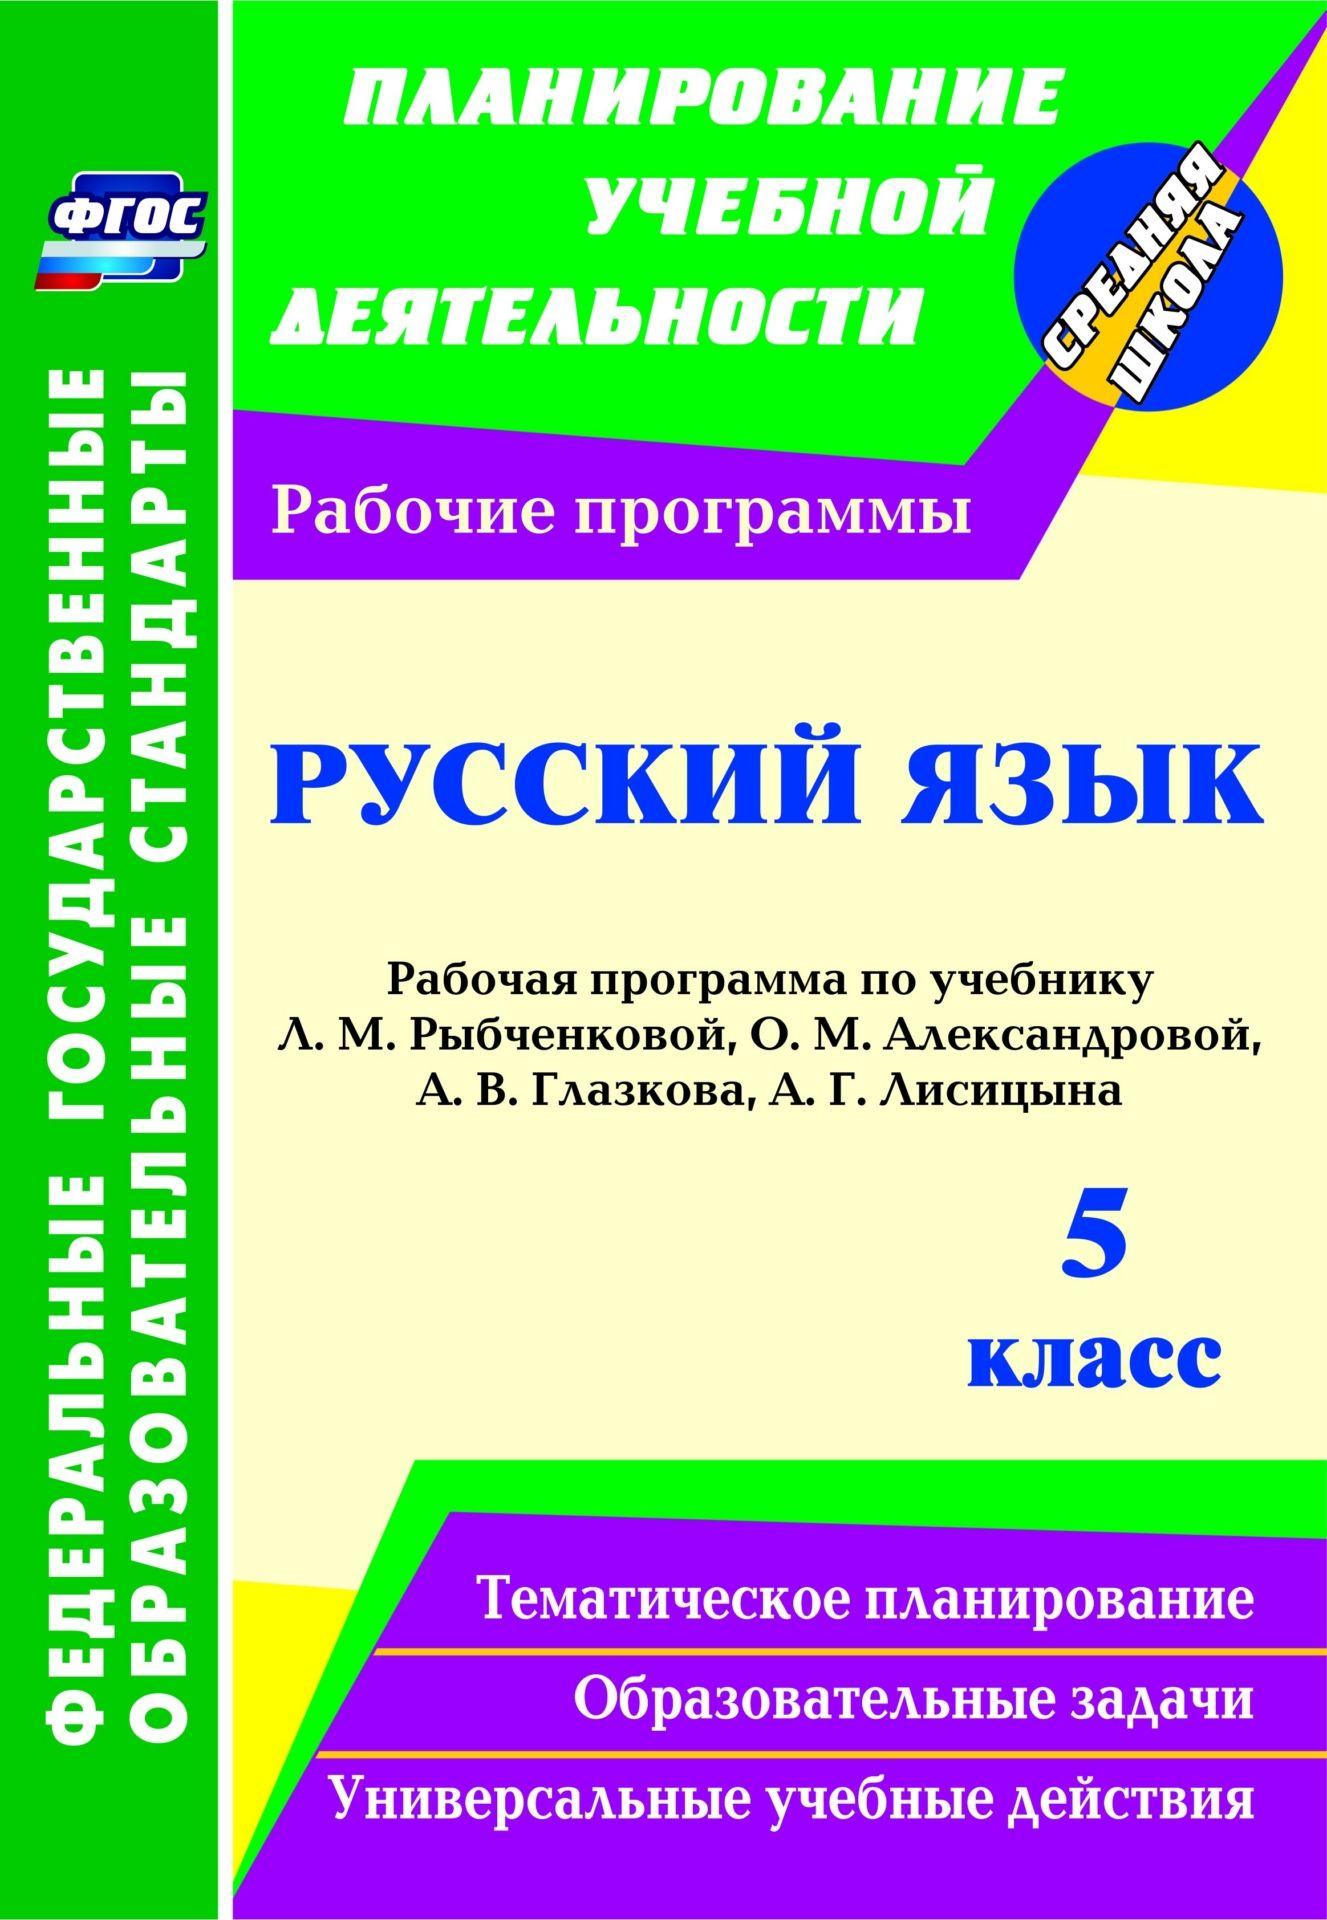 Киселёва, Русский Язык, 5 кл, Рабочая программа по Уч, л, М, Рыбченковой, О, М, Александро